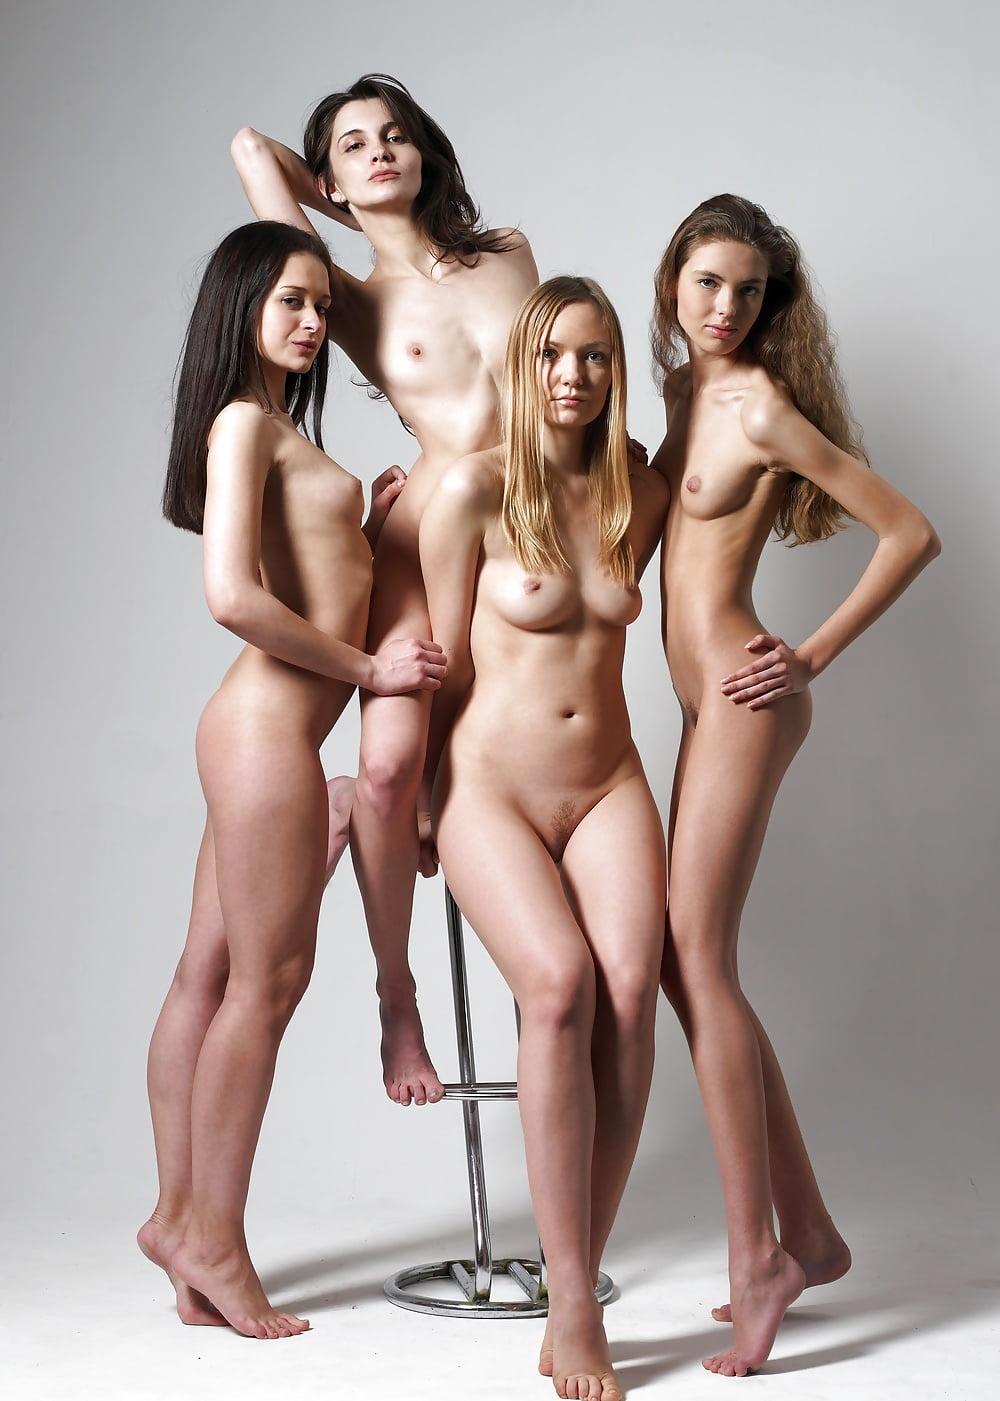 Naked model video europe